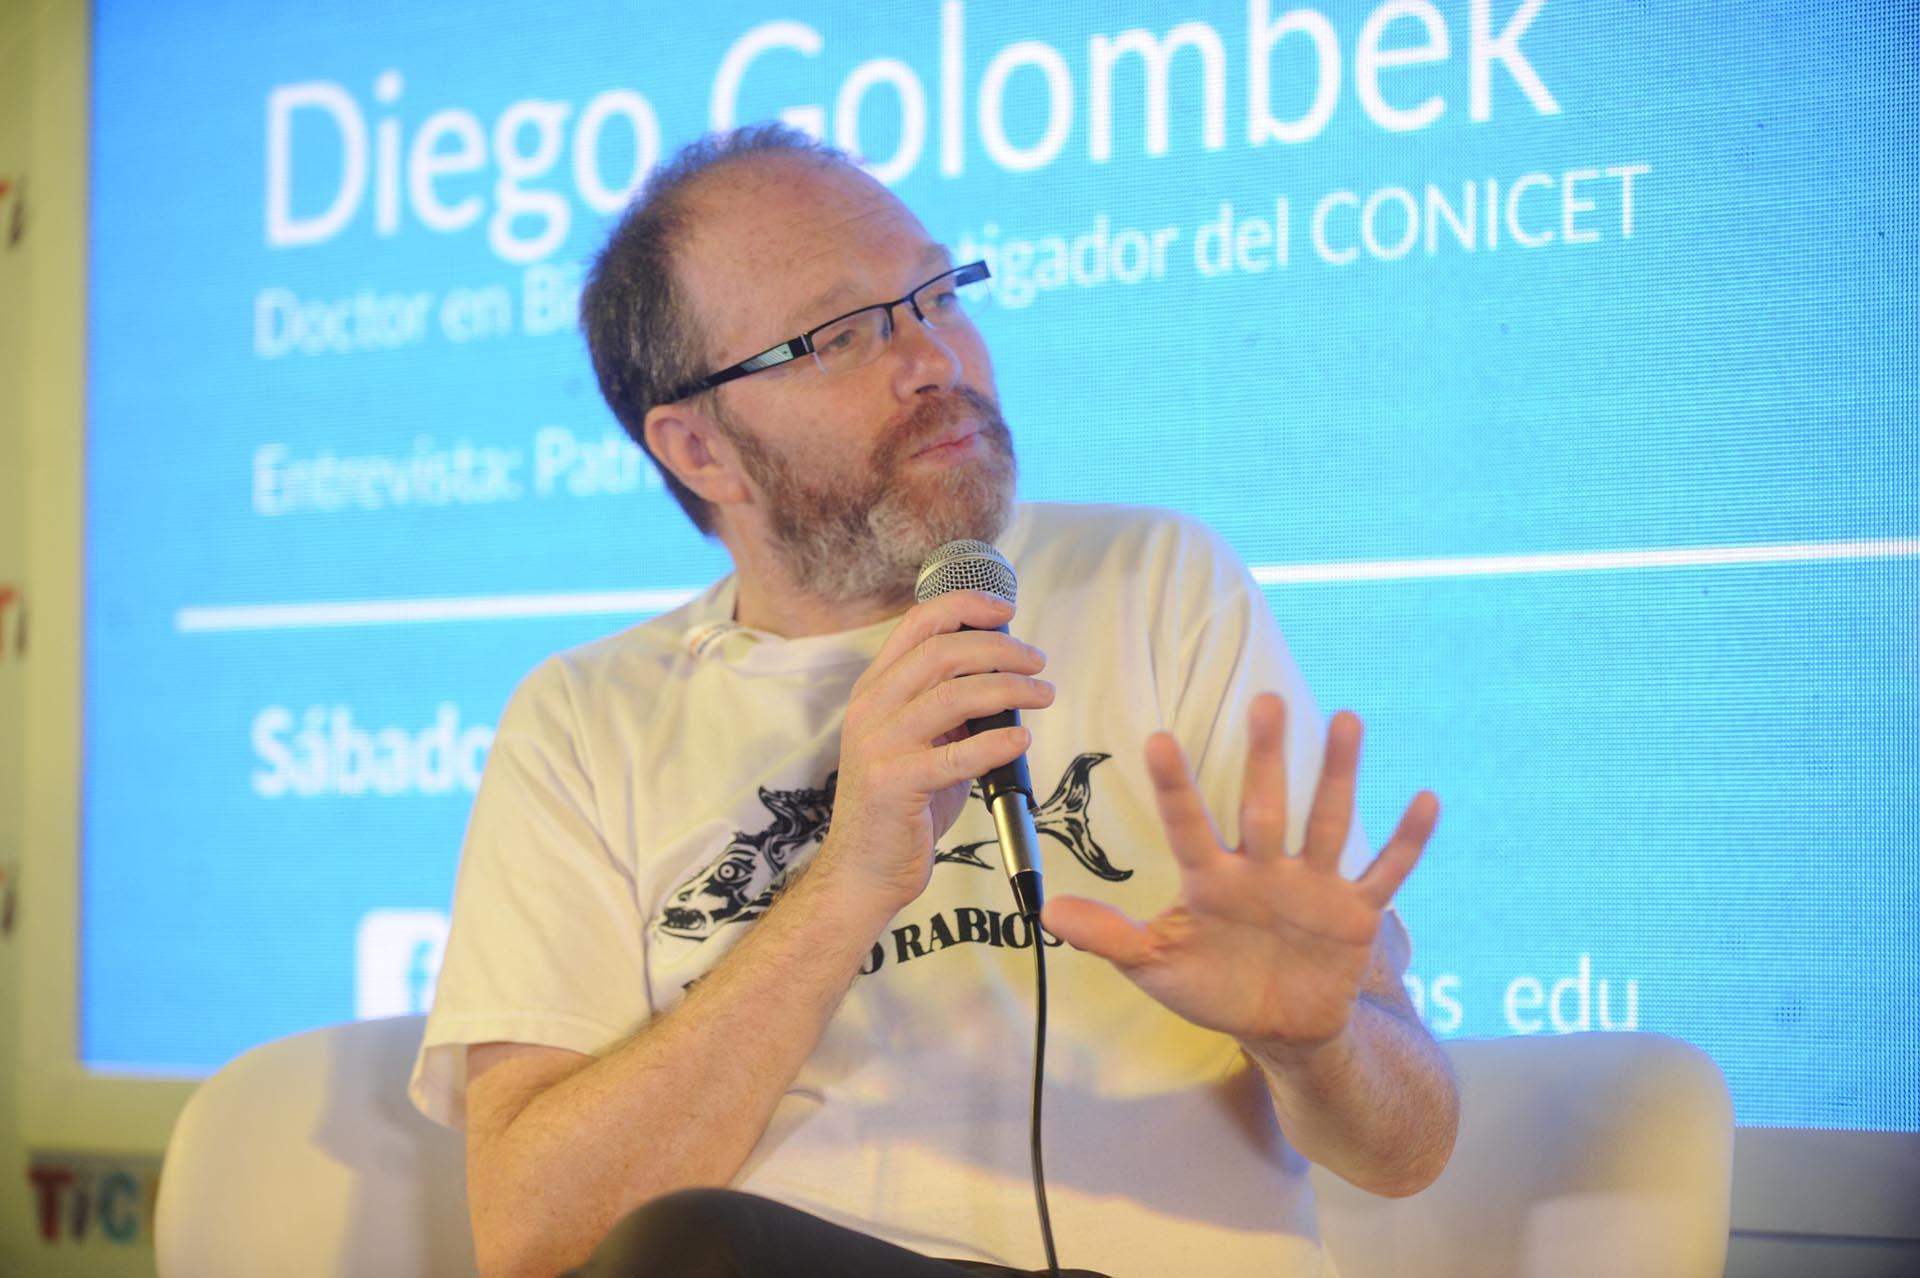 Diego Golombek (Foto: Dino Calvo)